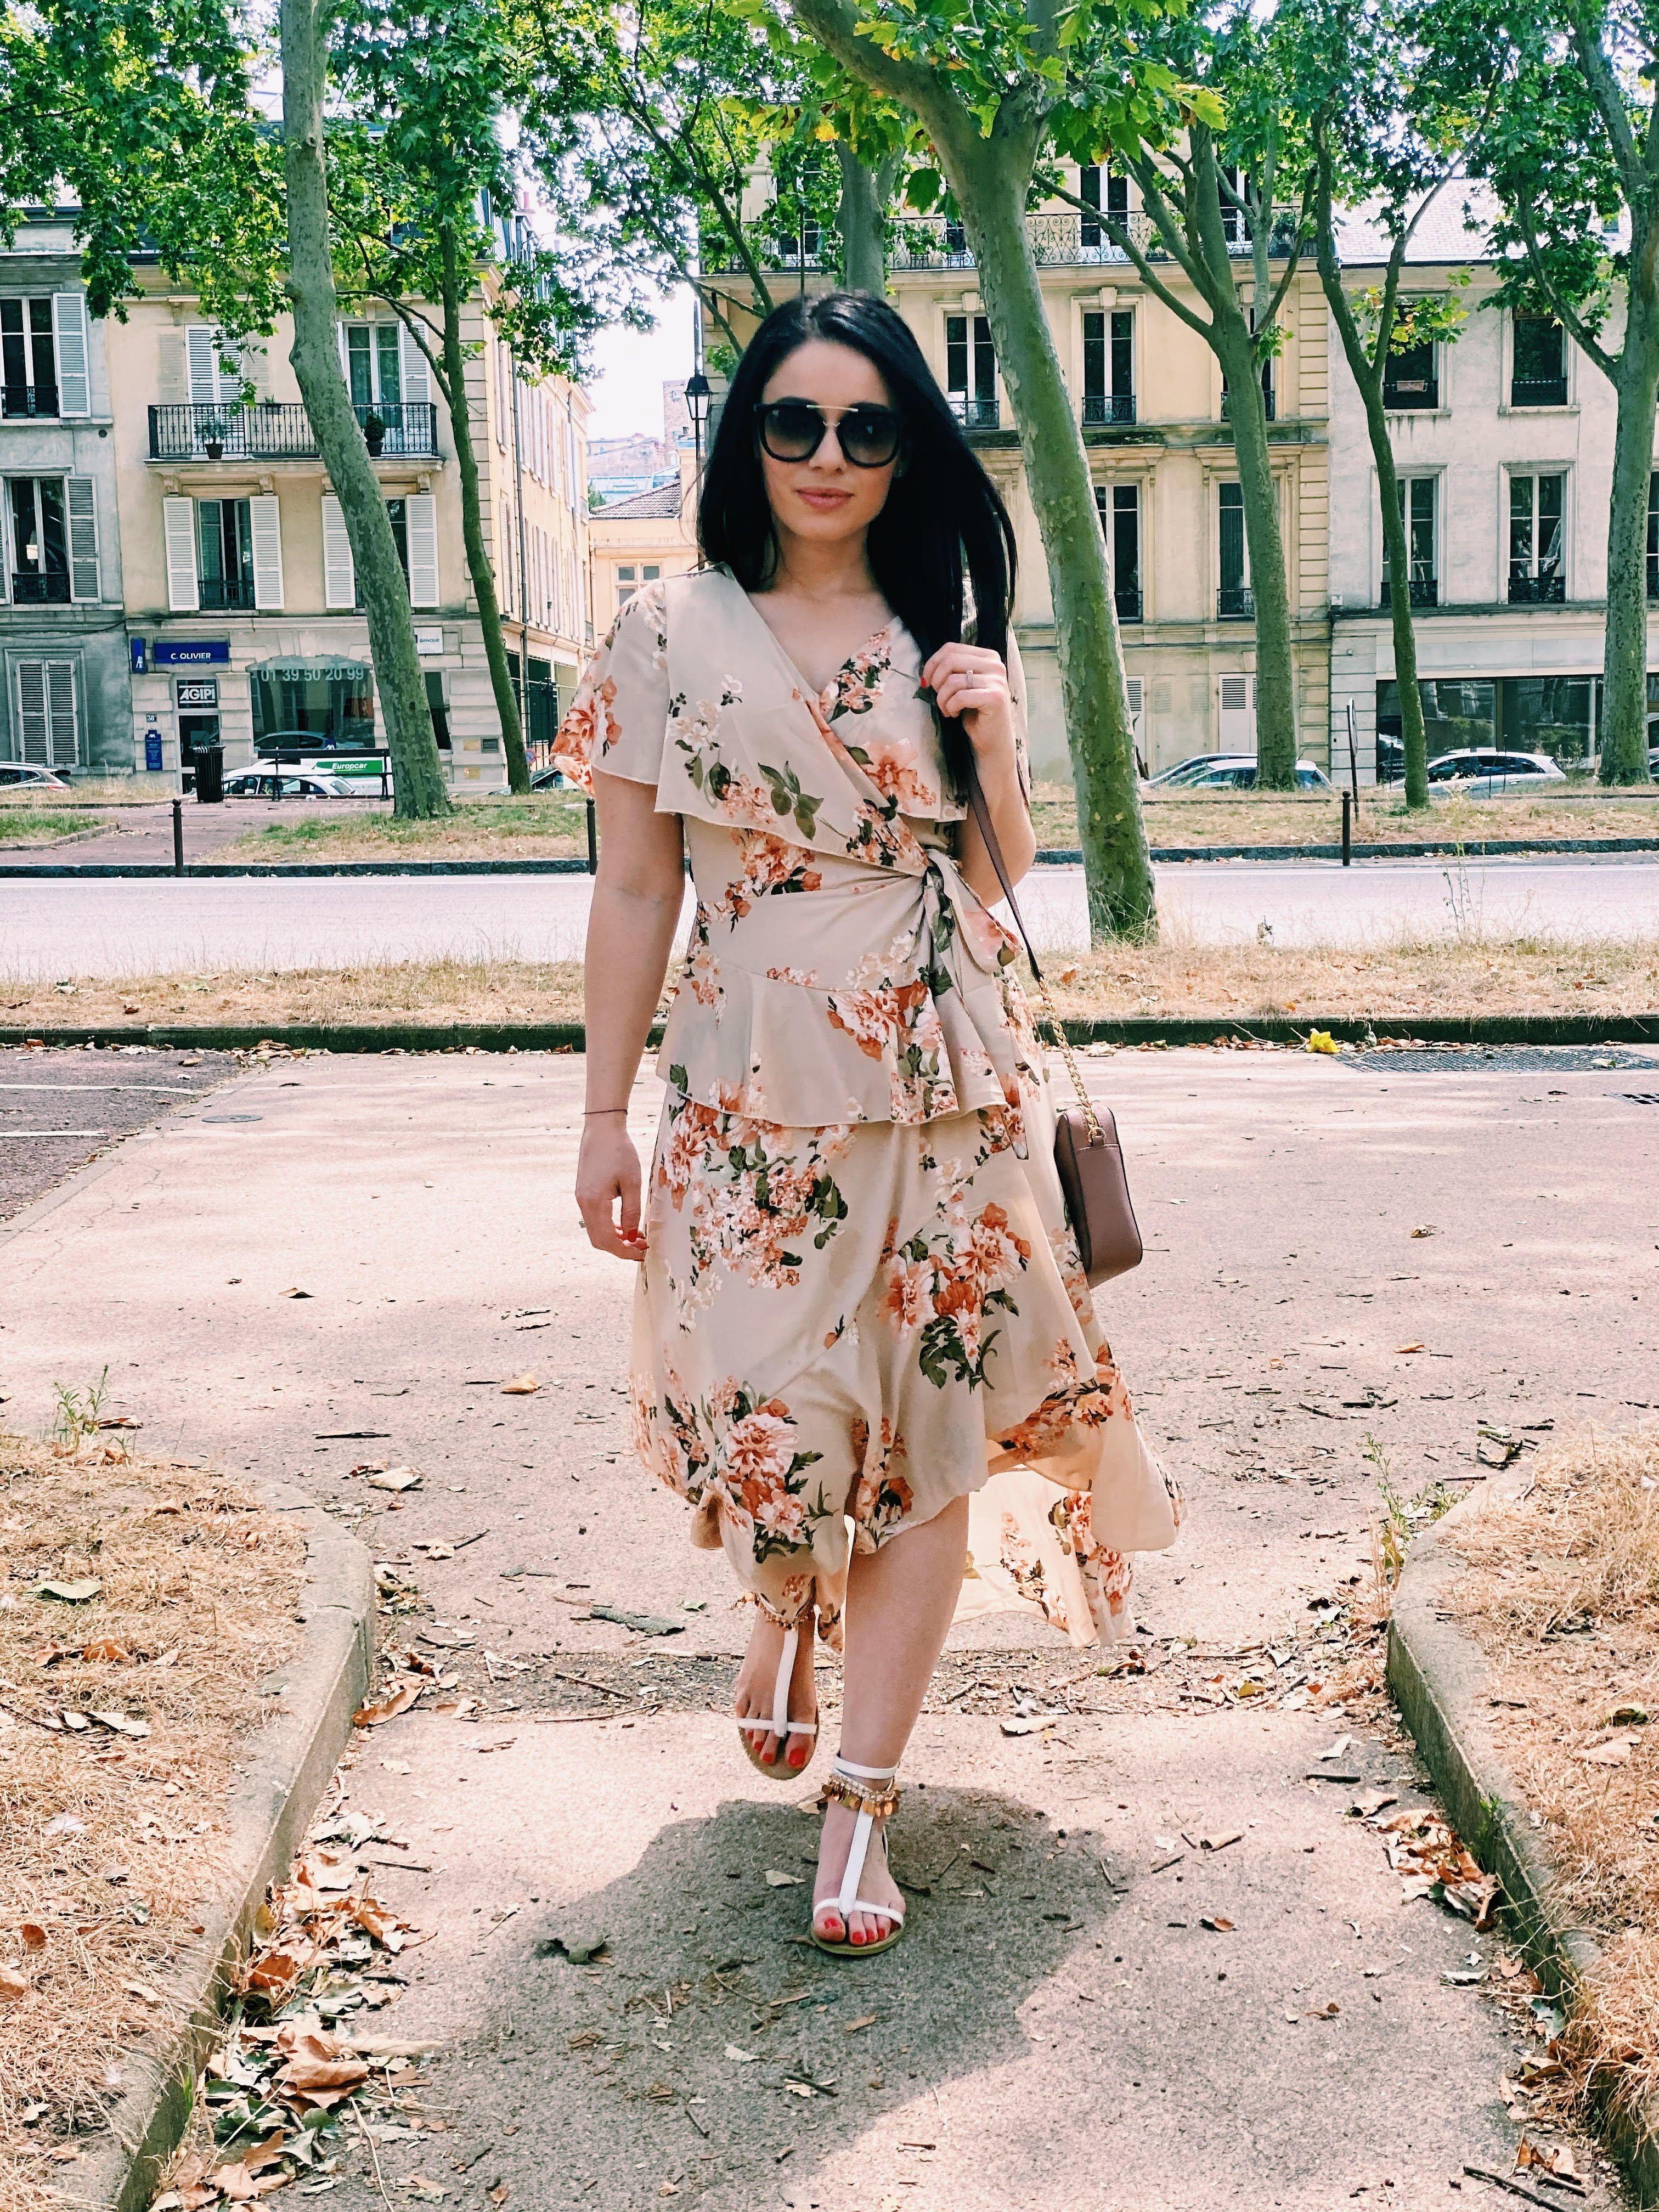 Virginie Hilssone Date De Naissance : virginie, hilssone, naissance, Épinglé, Summer, Outfit, Inspo